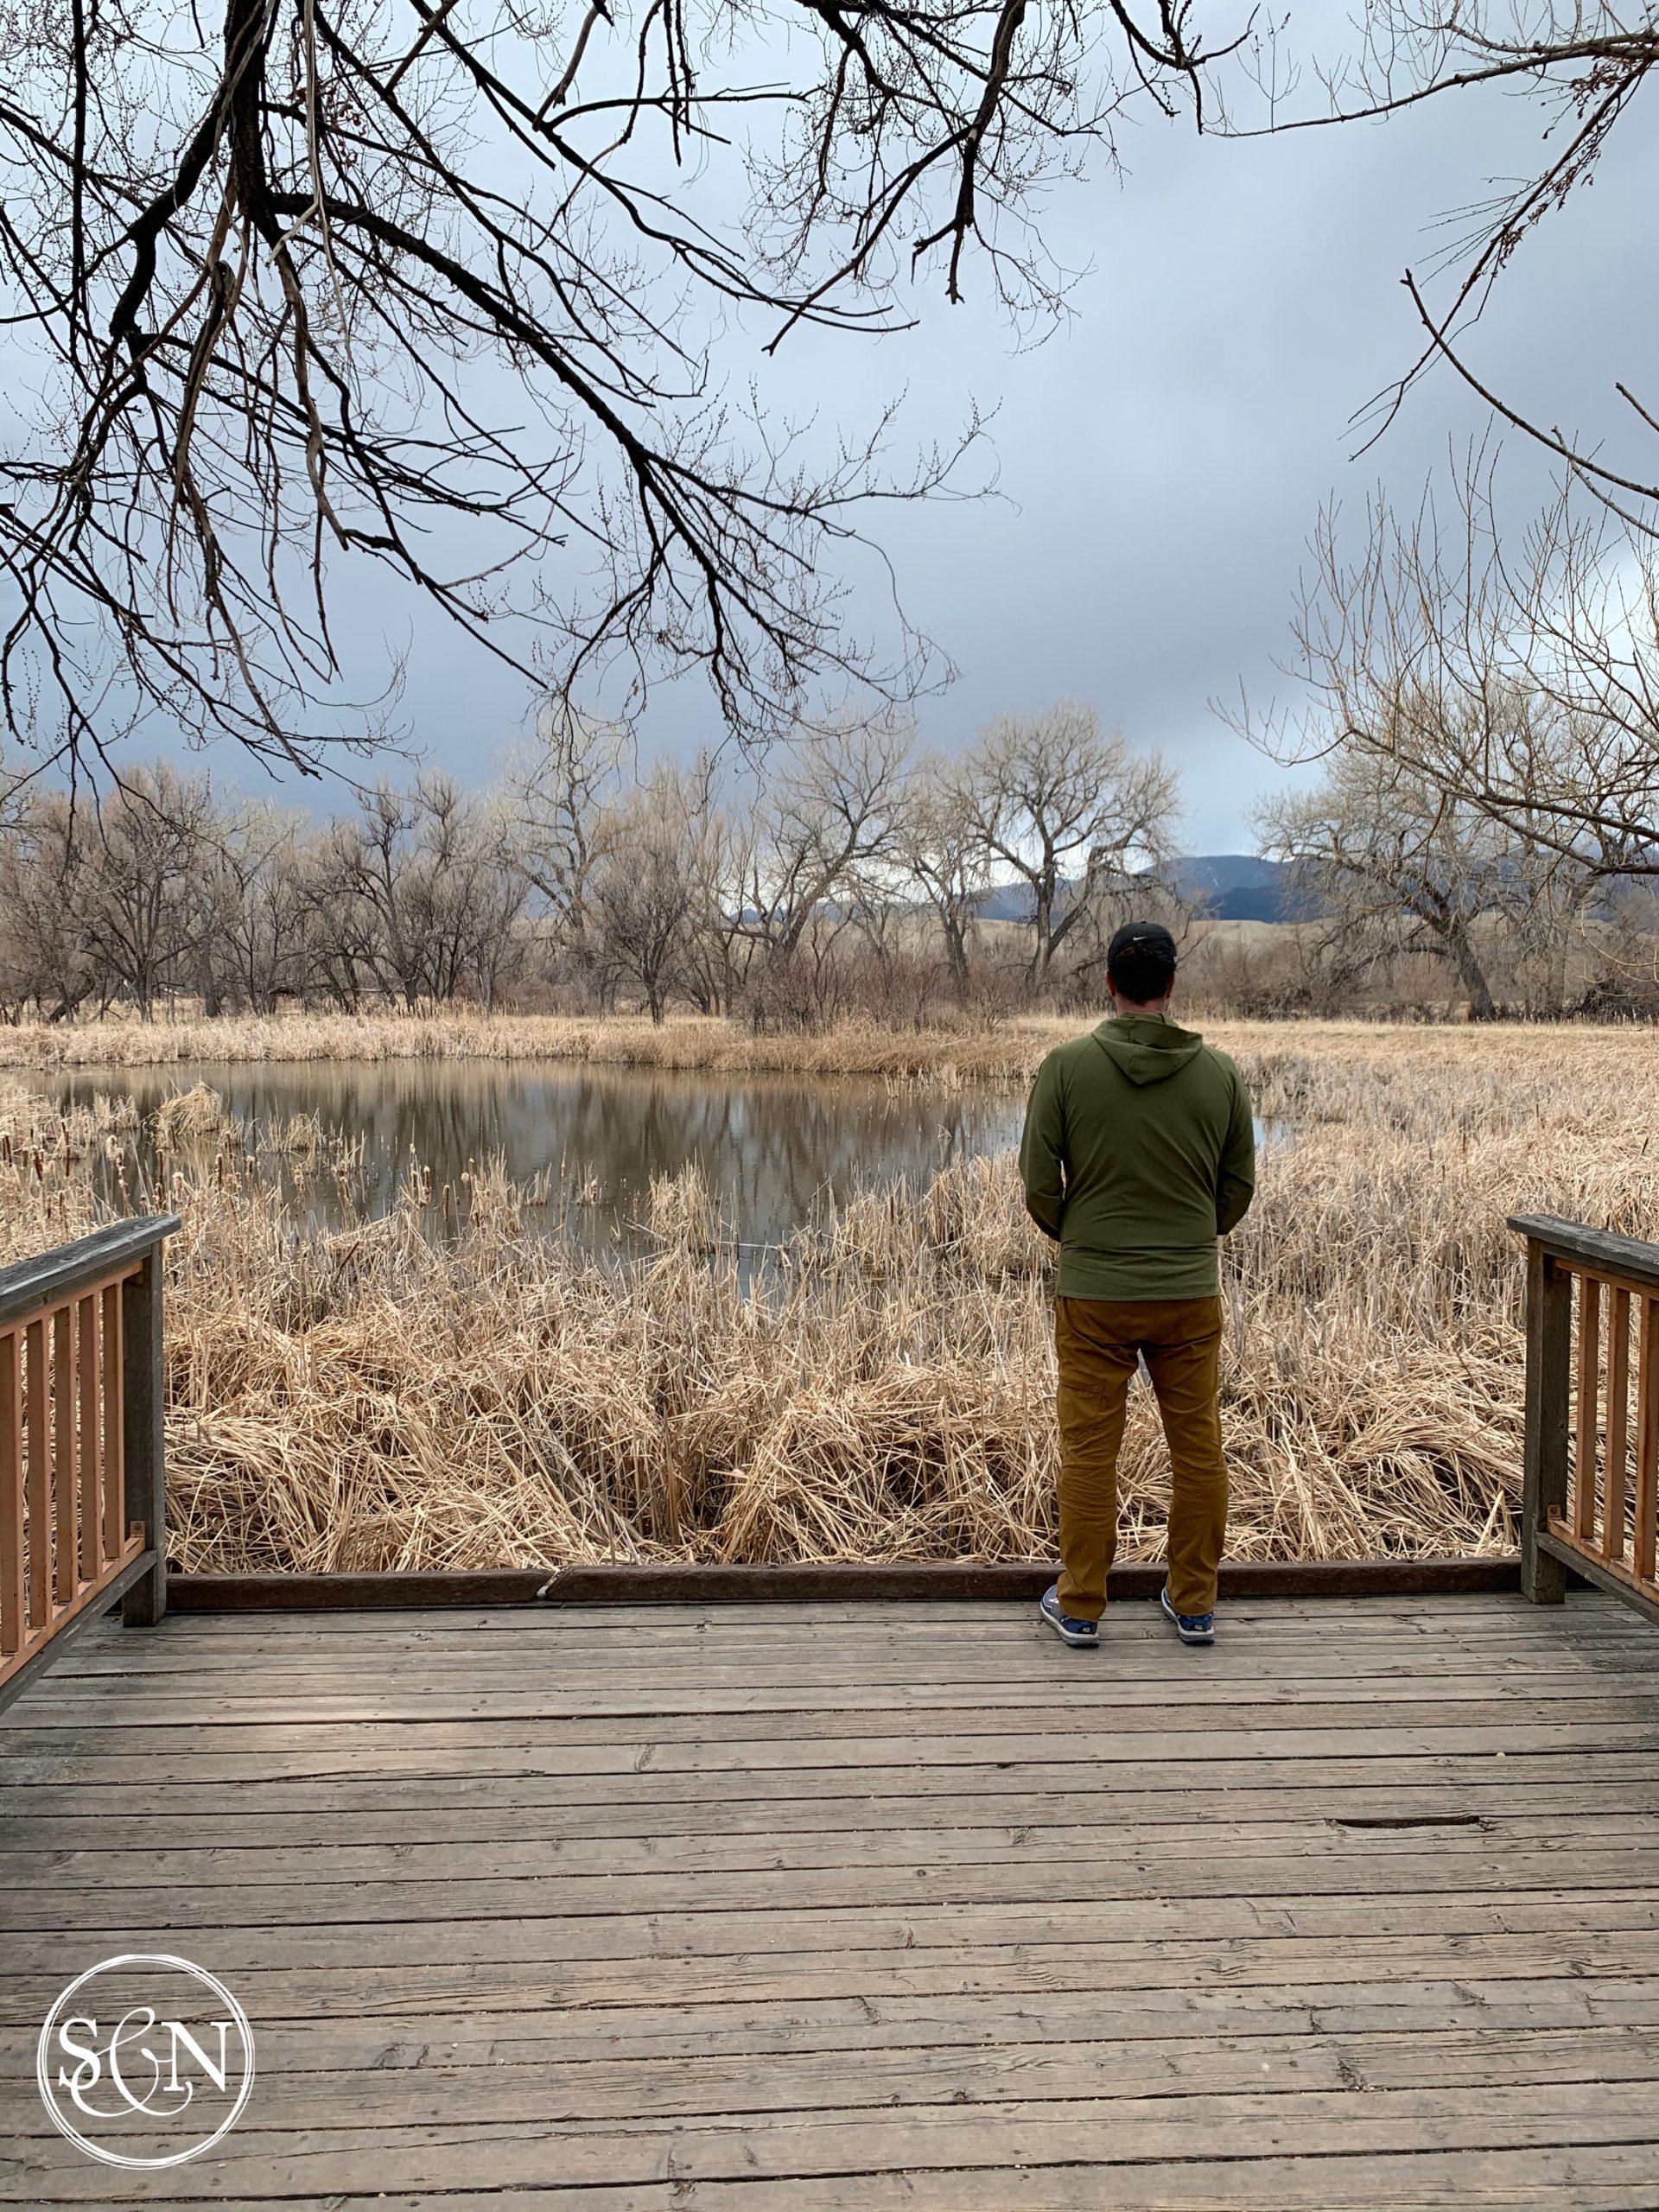 Plenty of nature observation spots